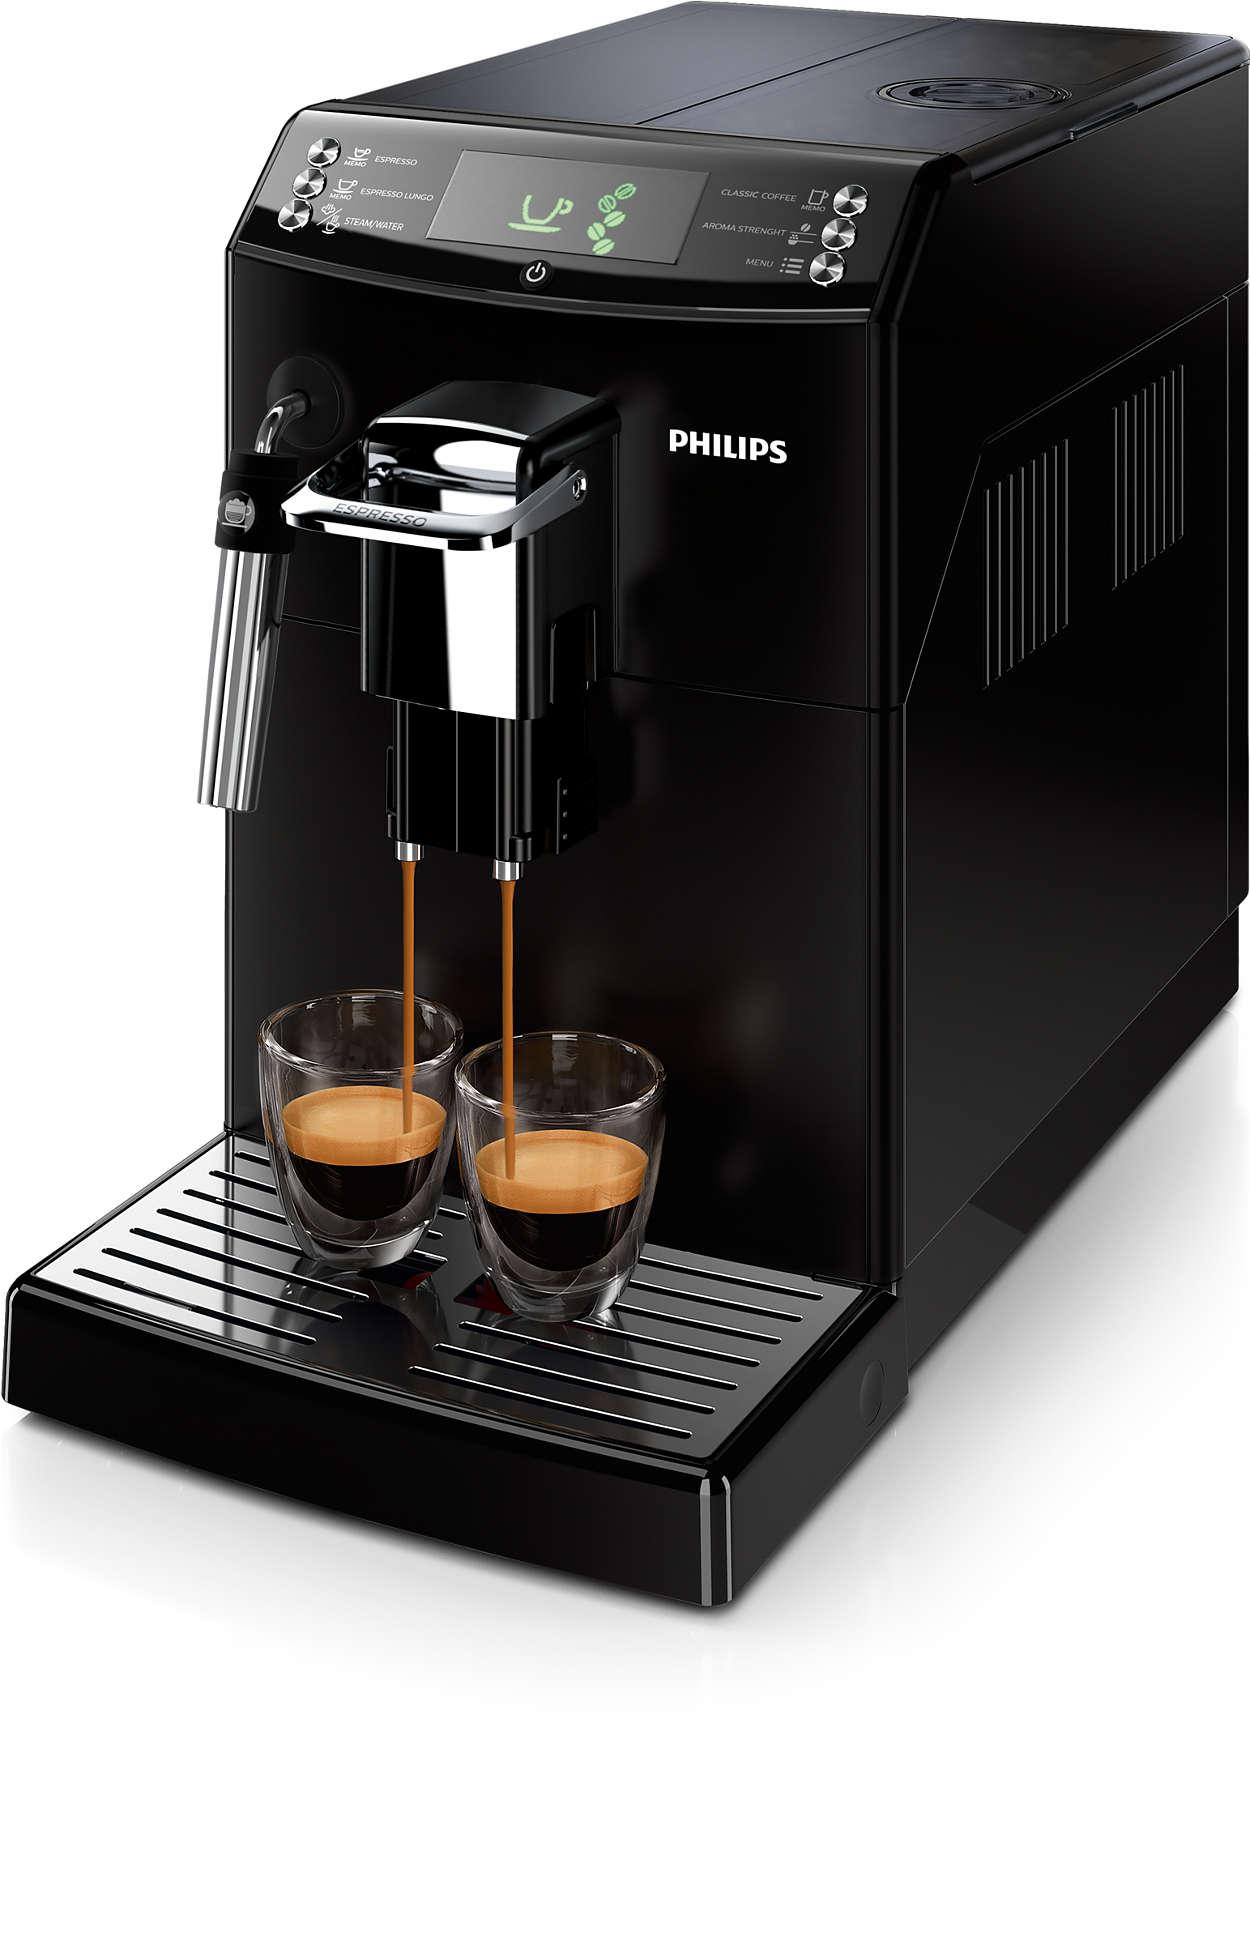 Goût authentique du café filtre ou excellents espressos